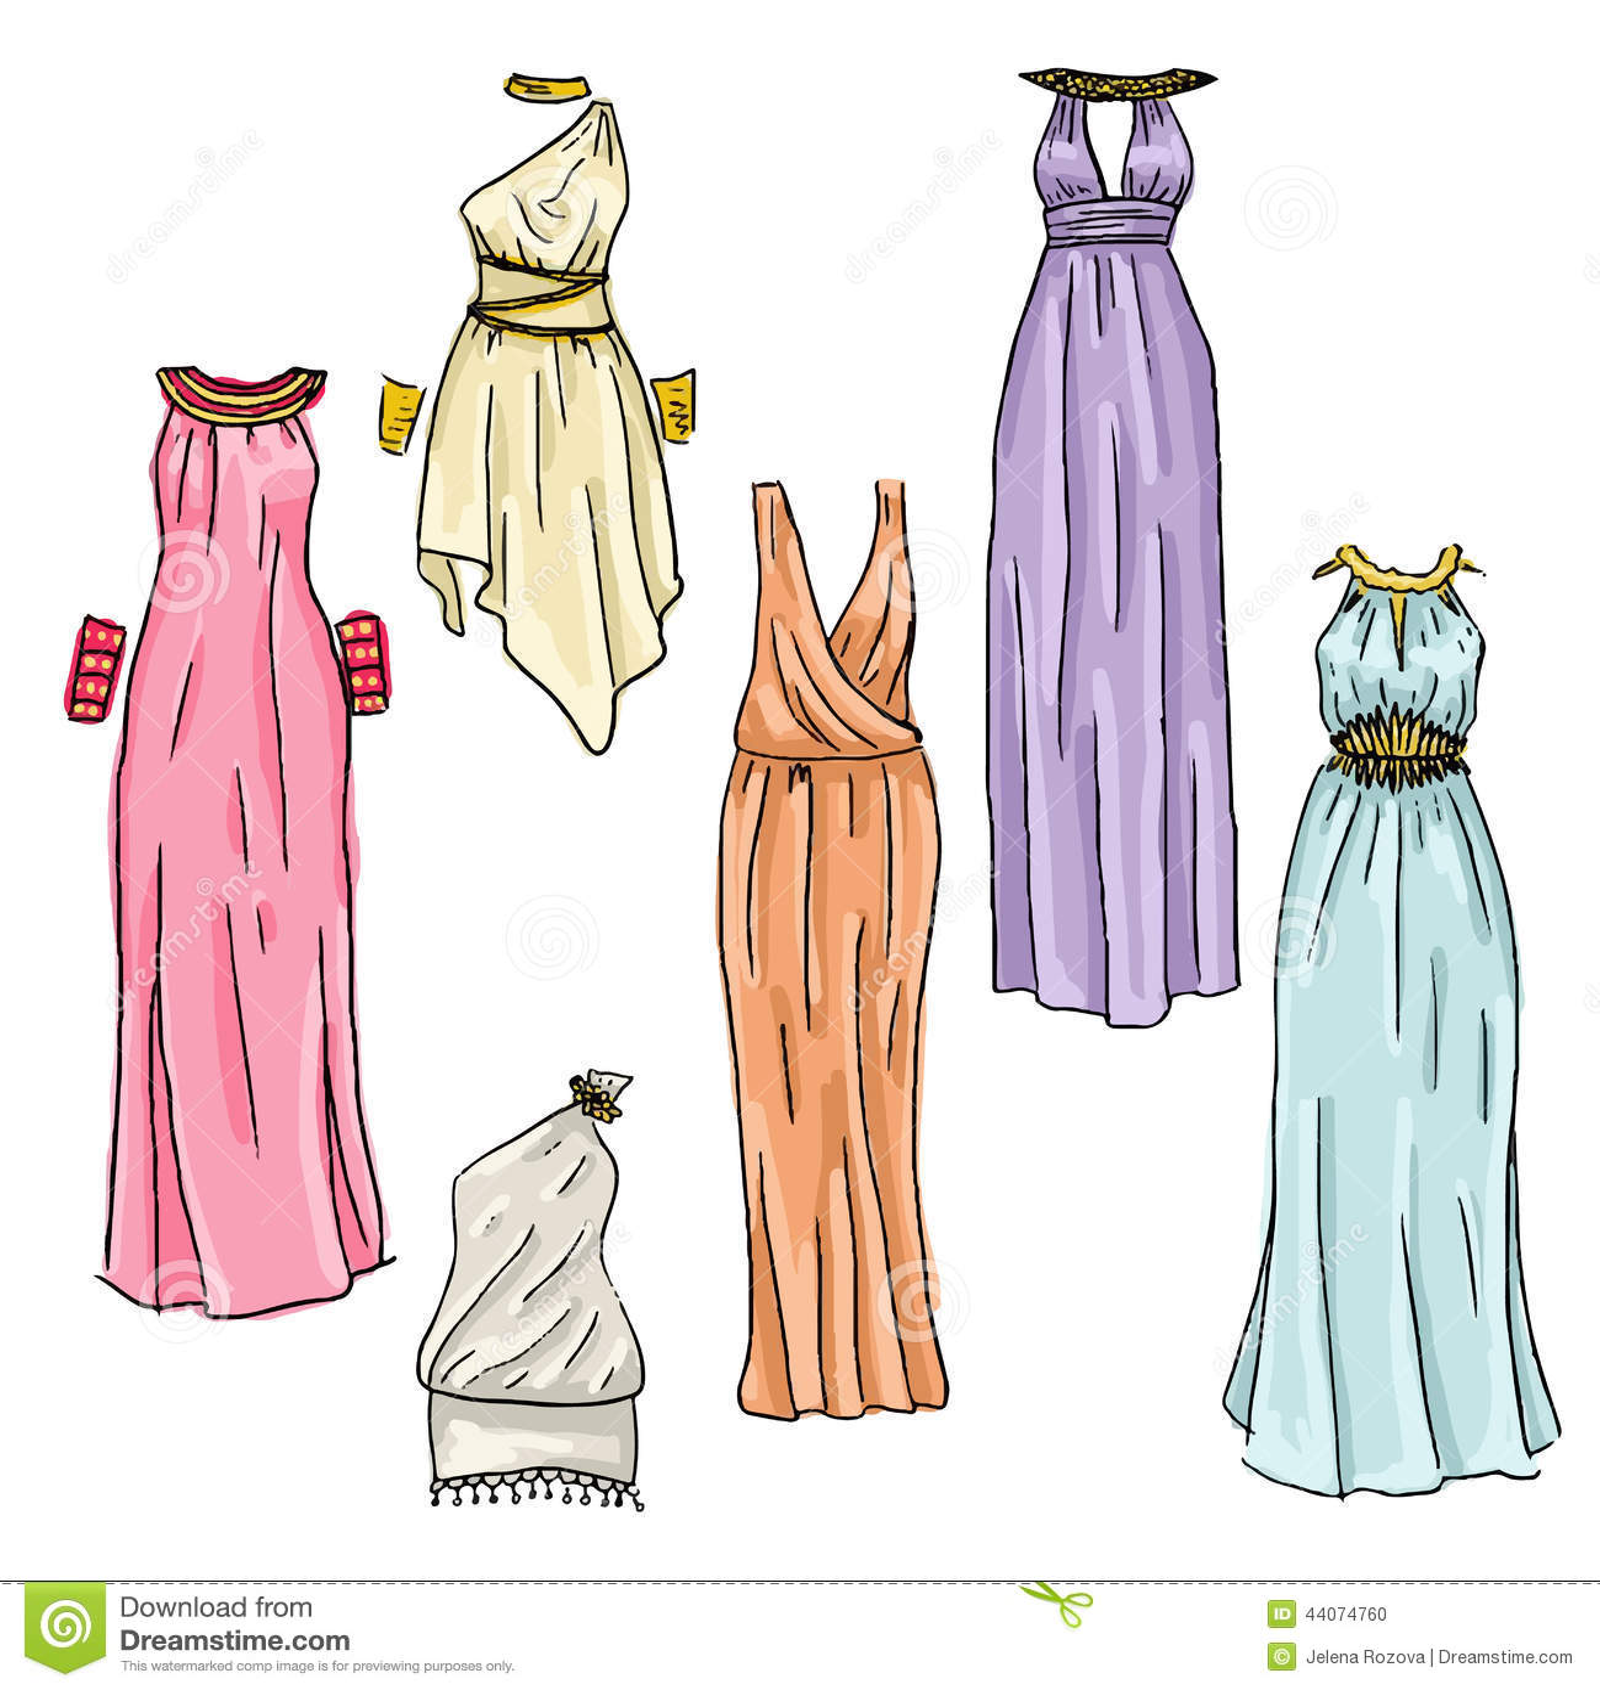 Fashion dresses drawing